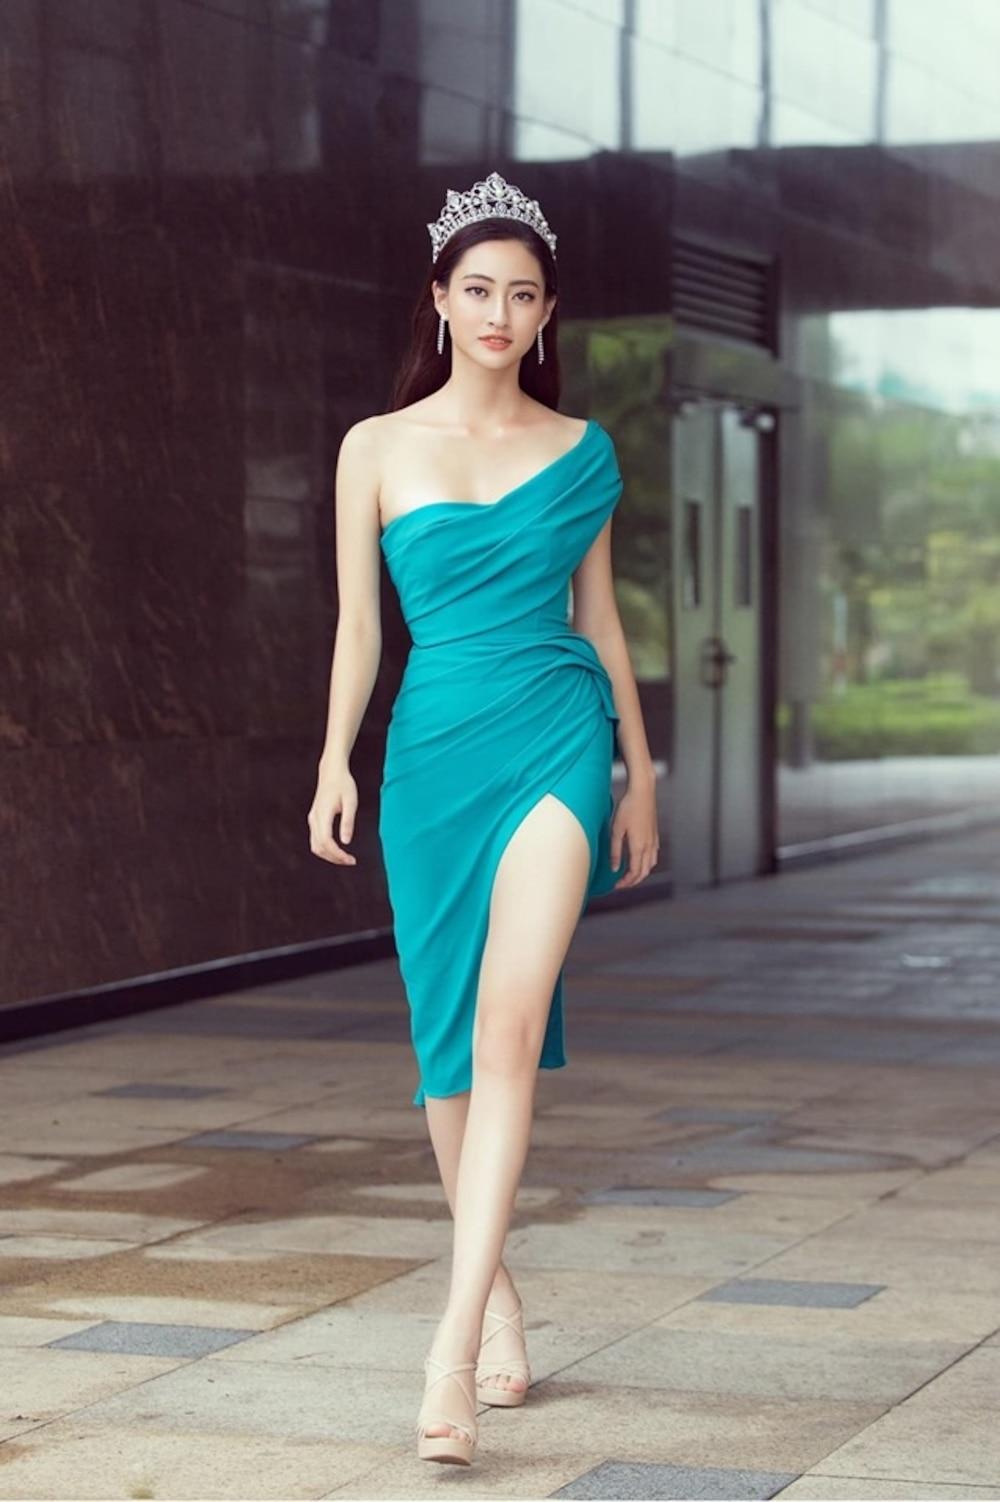 Không phải Thanh Hằng, đây mới là mỹ nhân có đôi chân dài nhất showbiz Việt - Ảnh 3